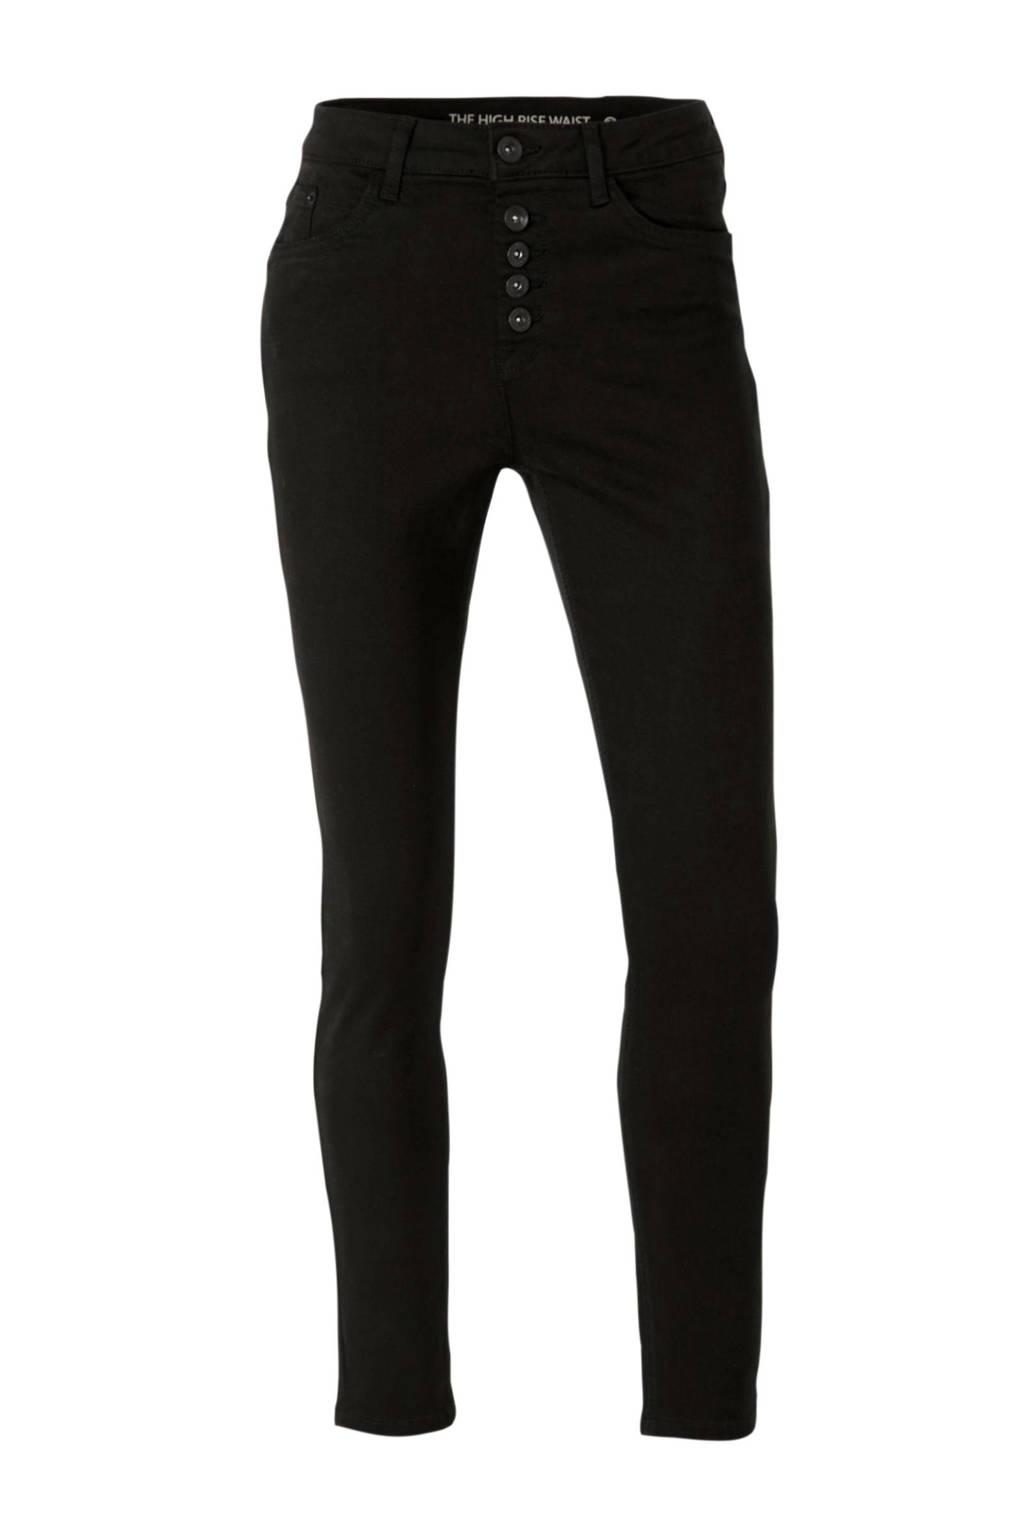 C&A Yessica high waist skinny broek zwart, Zwart